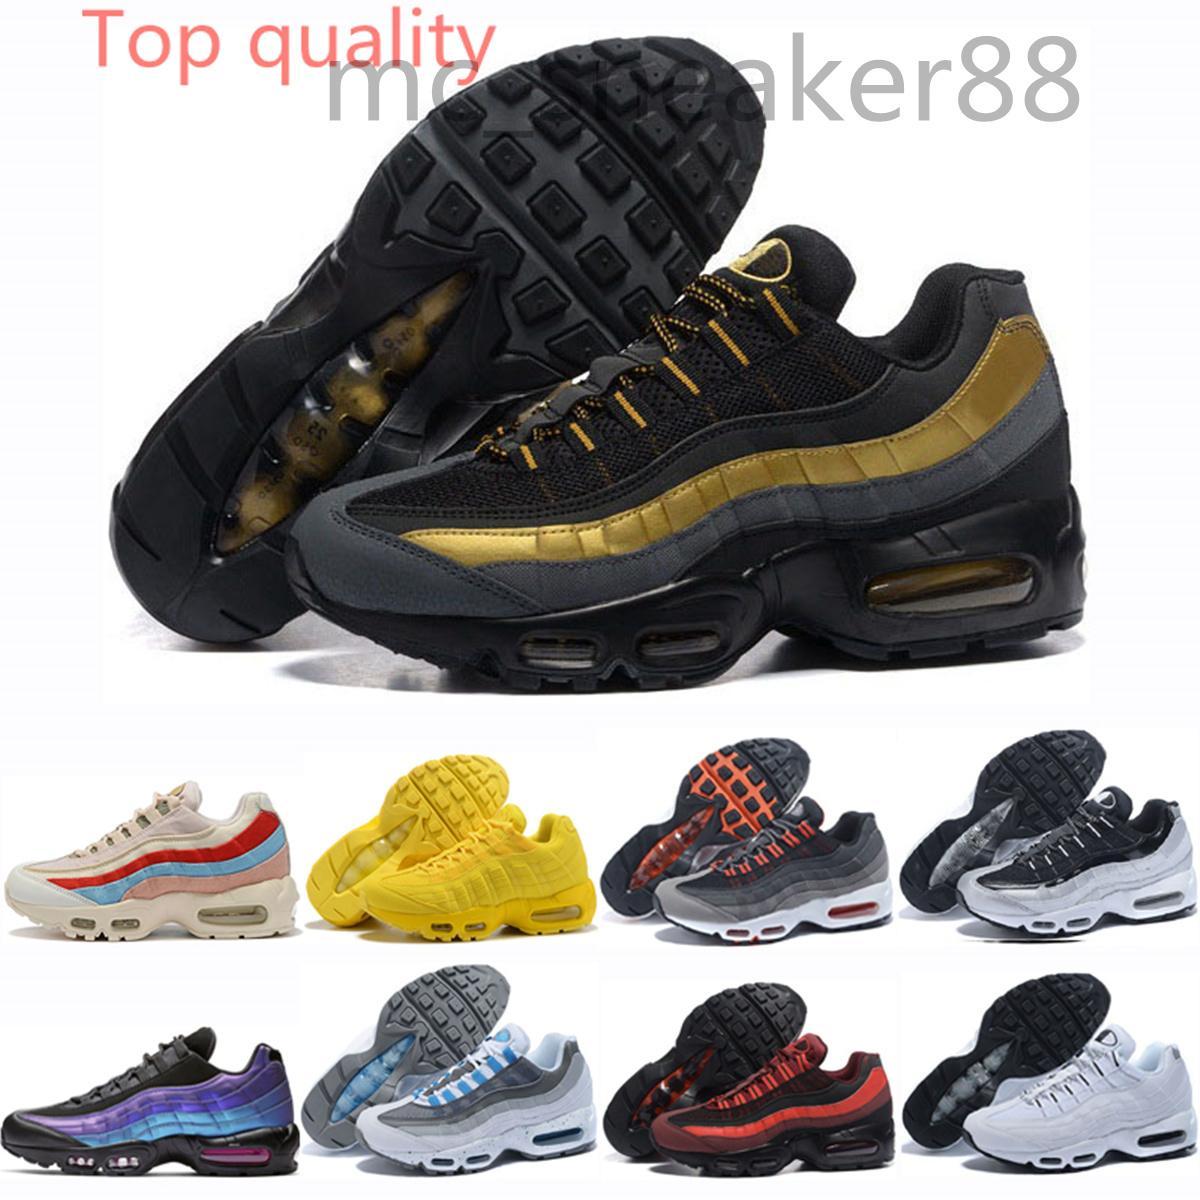 Nike Air Max 95 2021 Männer Mode Outdoor Schuhe OG Traube Triple Black White Herren Trainer Frauen Laser Fuchsia Sport Tennis Althty Sneaker Schuhe